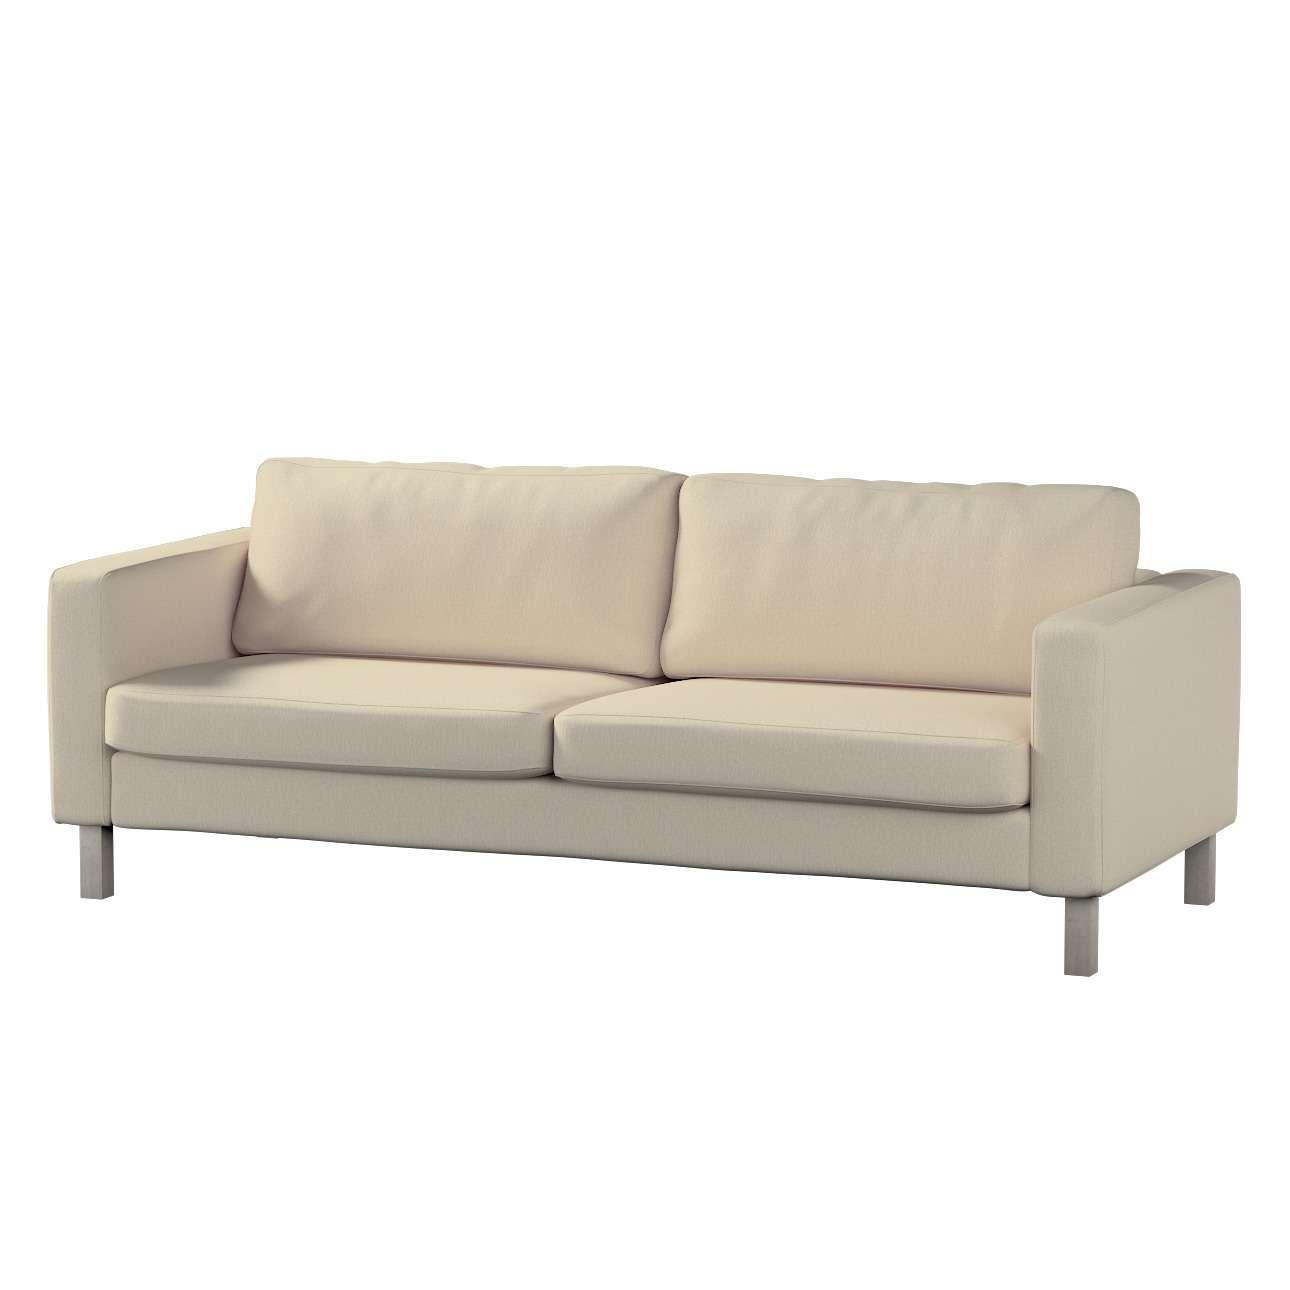 Pokrowiec na sofę Karlstad rozkładaną, krótki Sofa Karlstad 3-os rozkładana w kolekcji Chenille, tkanina: 702-22